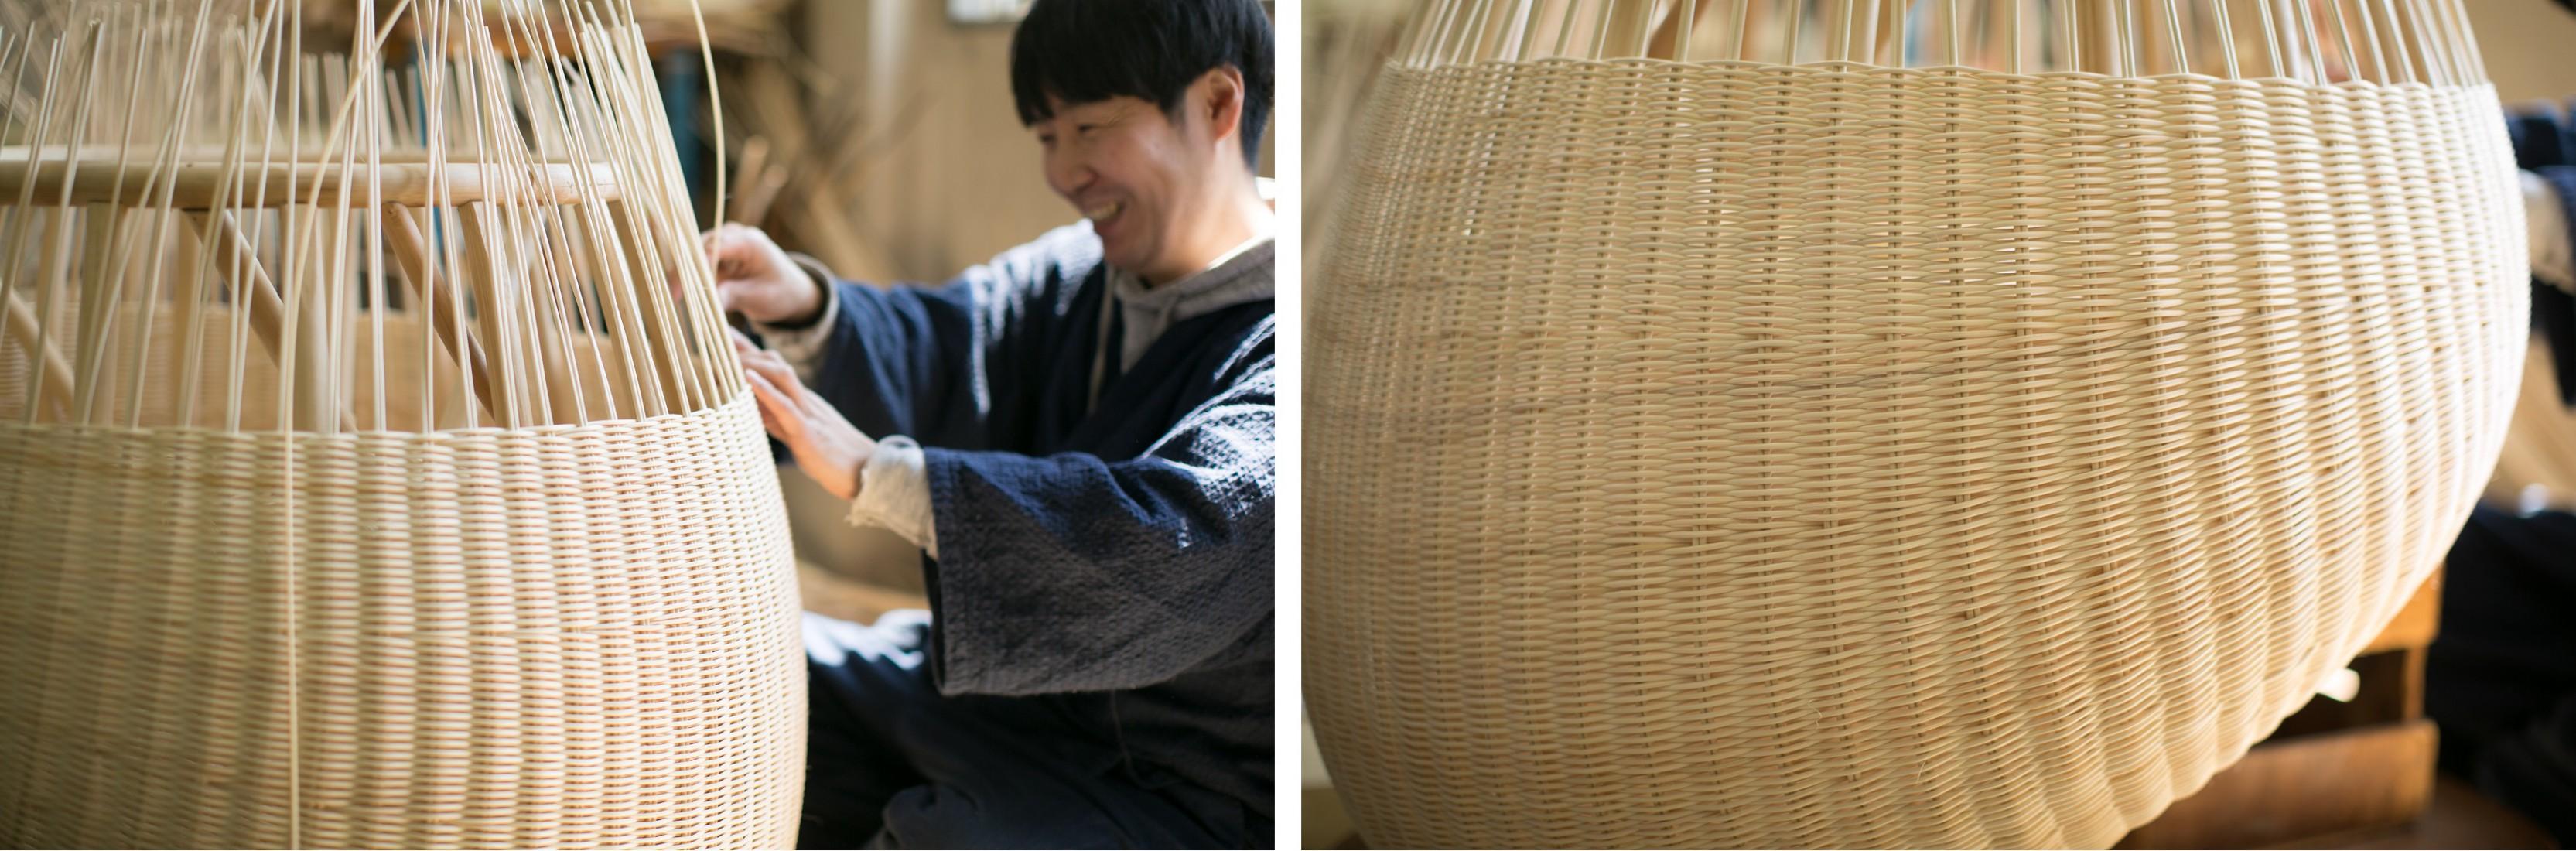 なんだか楽しそうですが、「自分はこの作業に向いているかも」と和田さんは笑います。